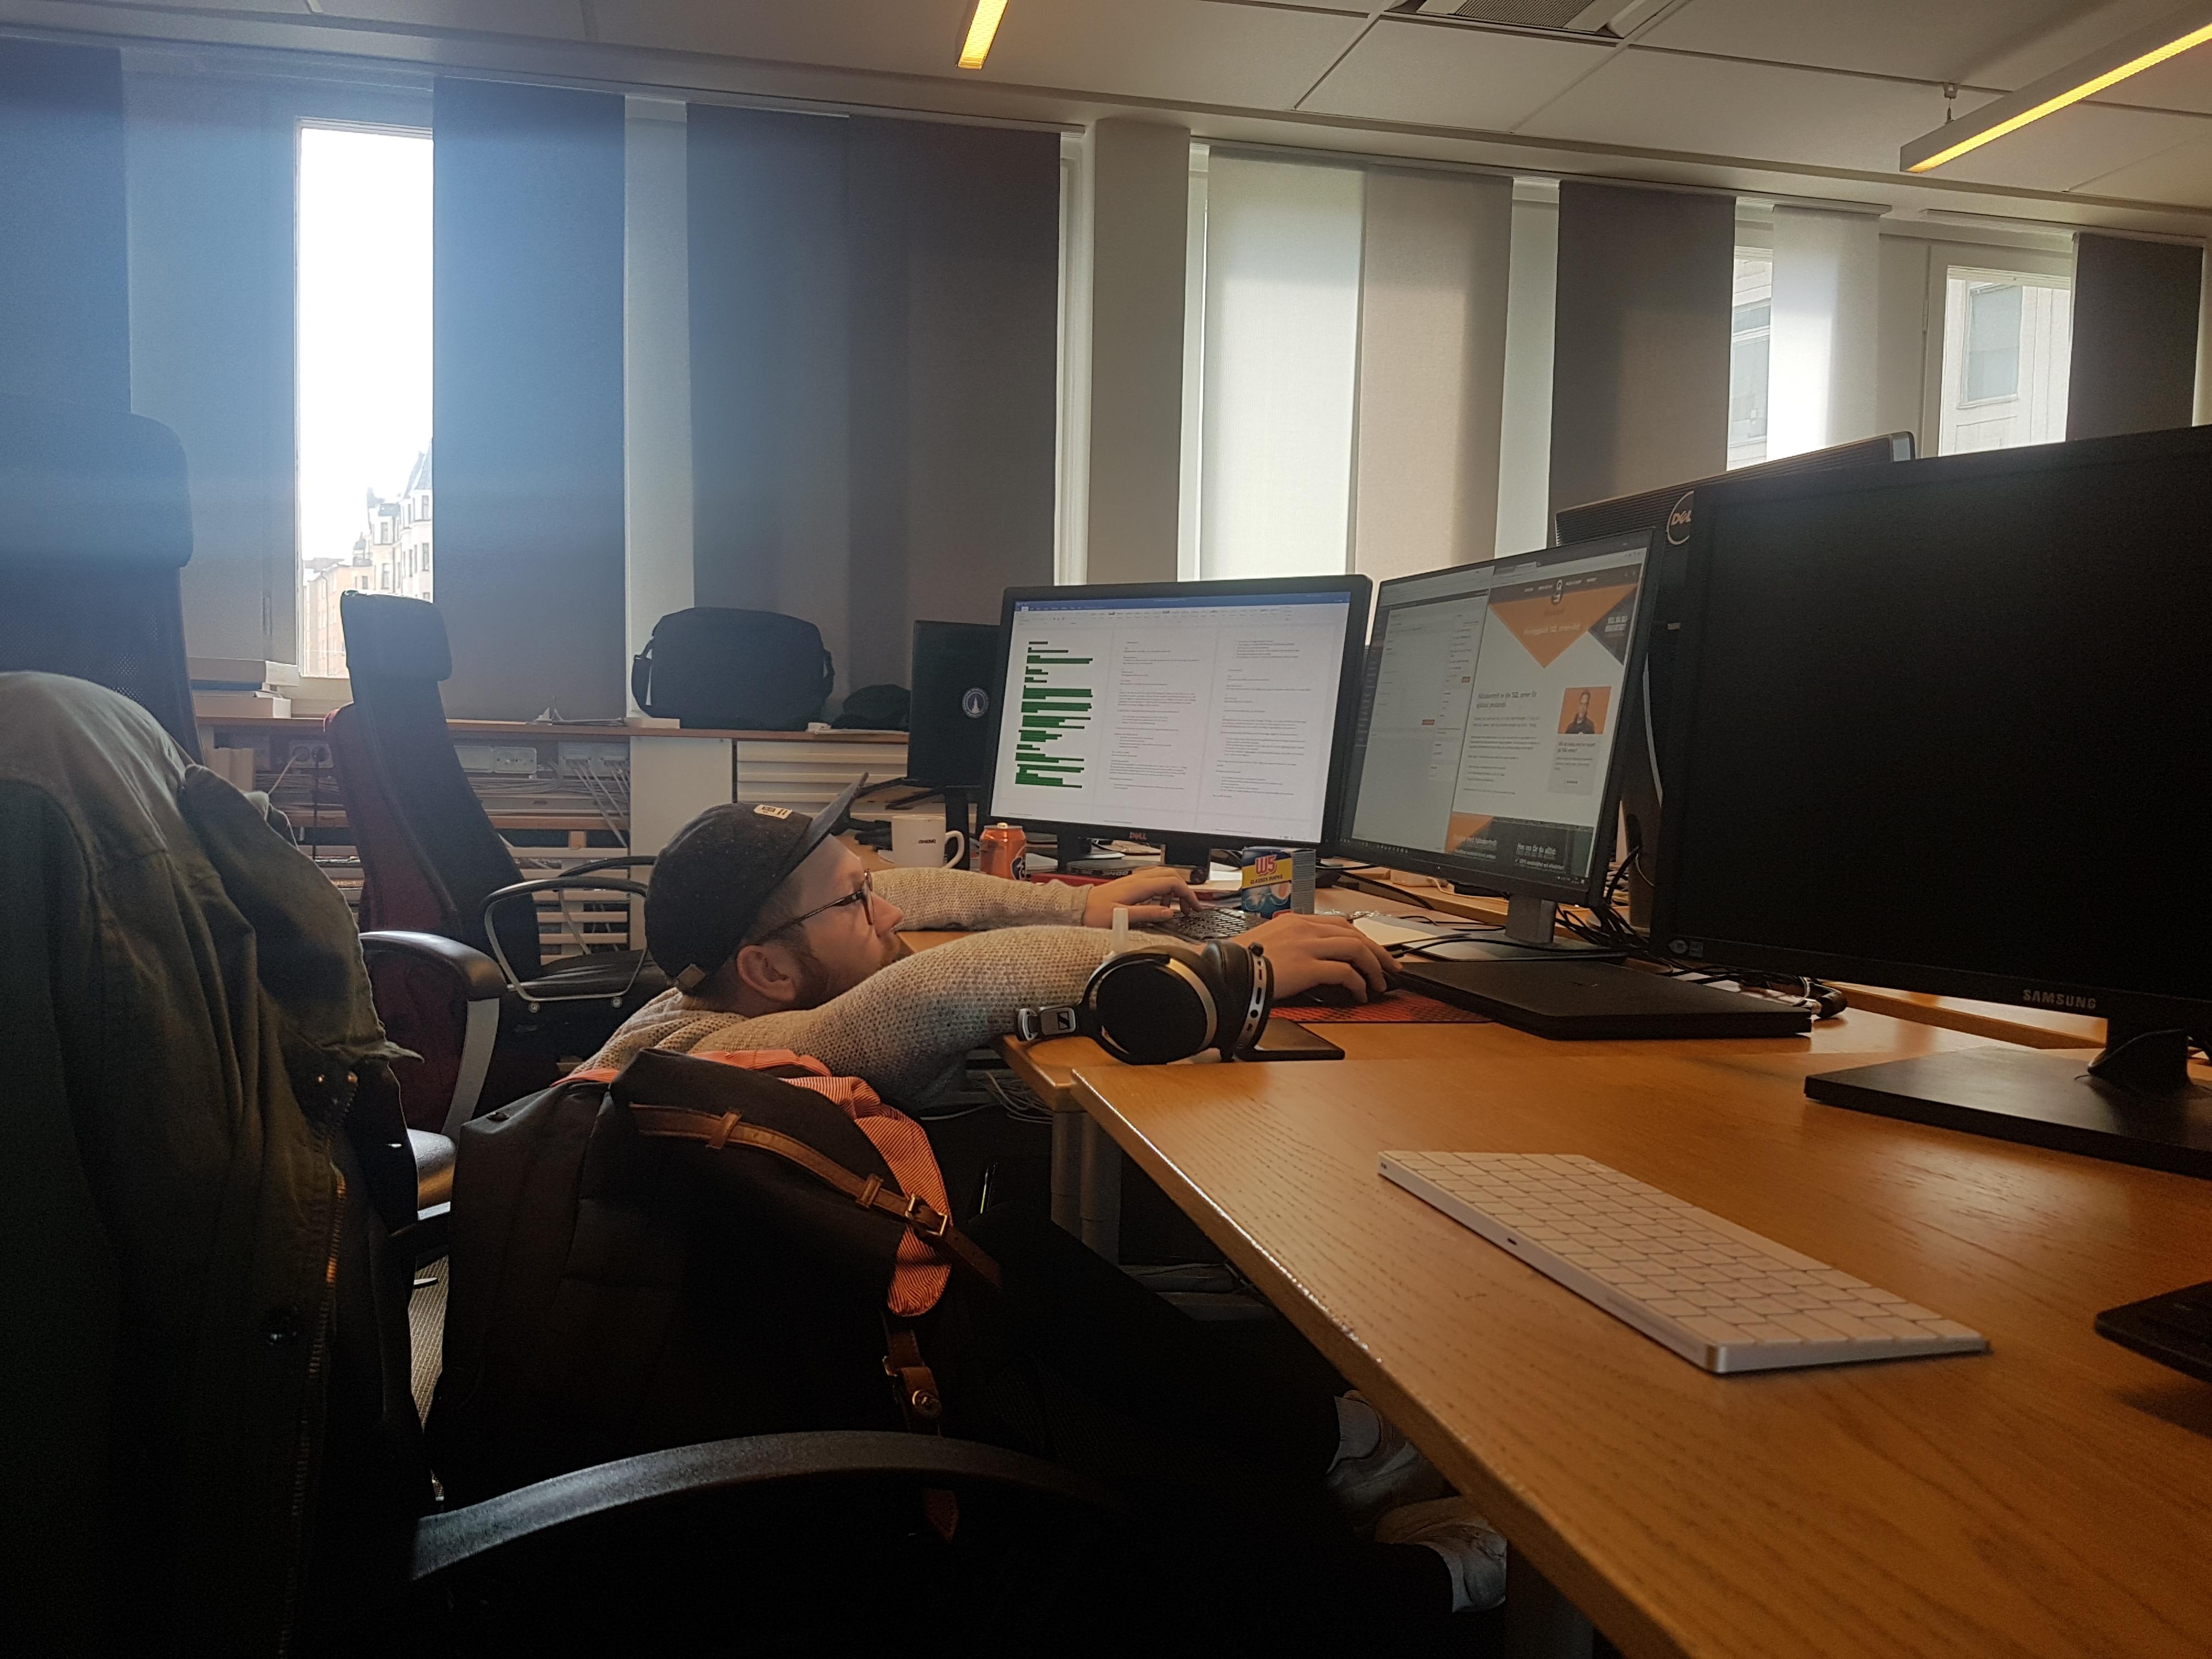 En kille vid en dator